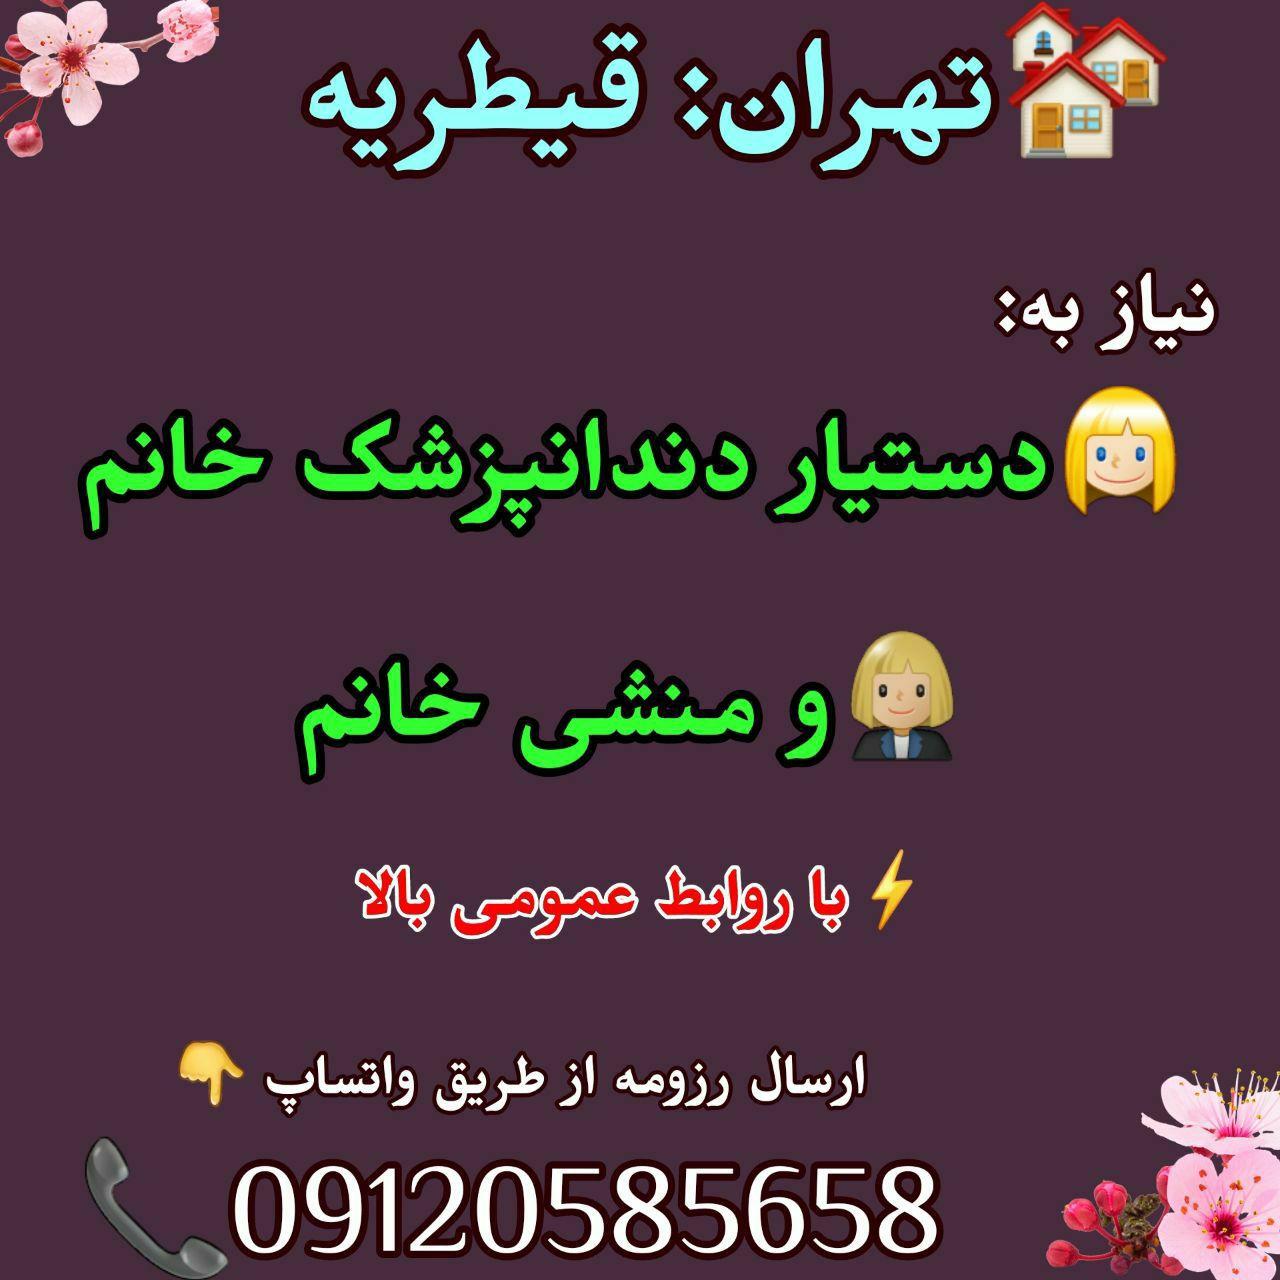 تهران: قیطریه، نیاز به دستیار دندانپزشک خانم و منشی خانم